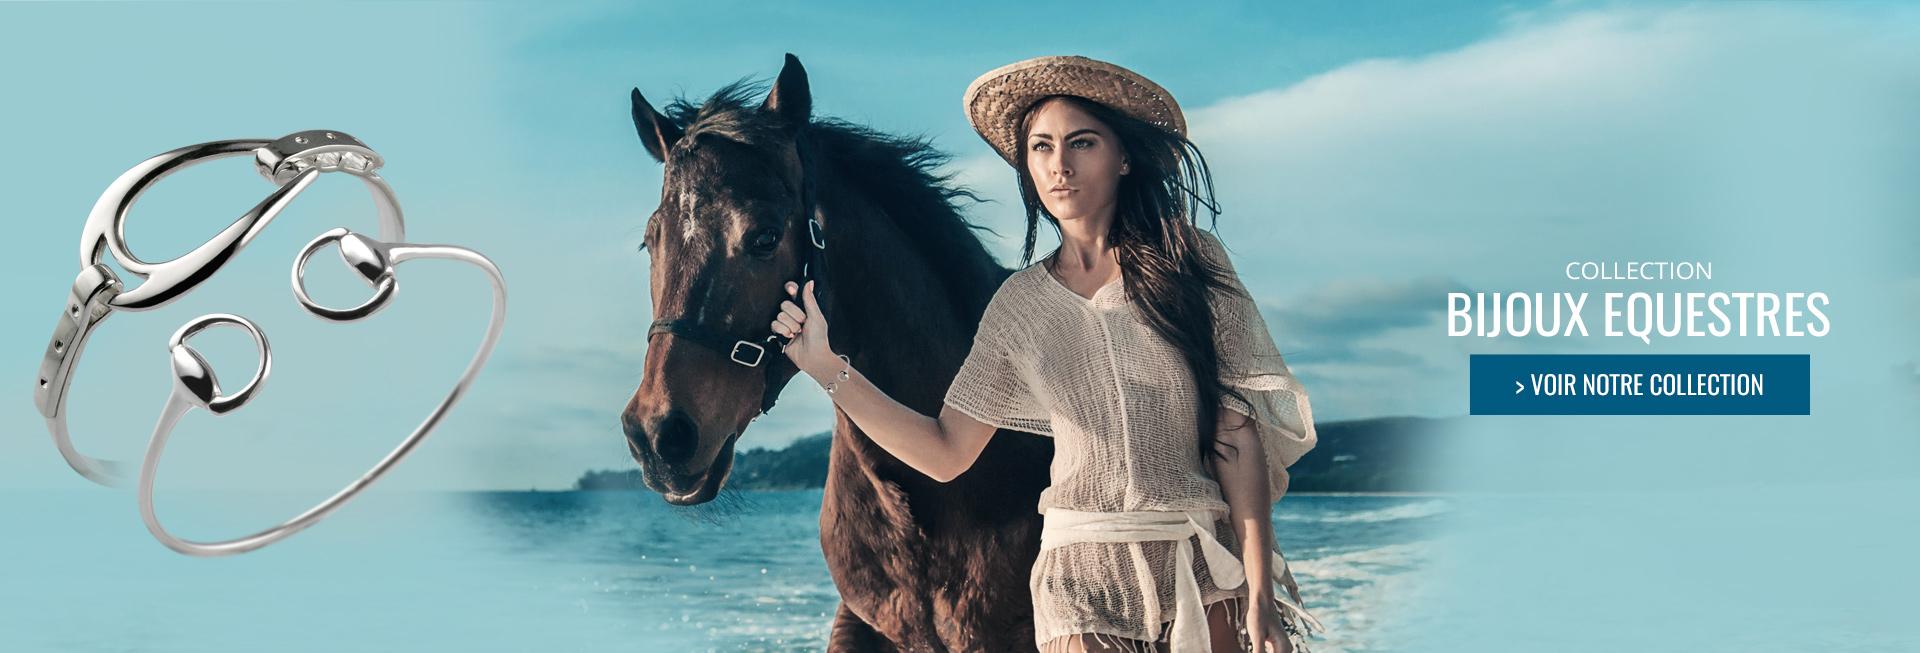 Bijoux equestres en Argent : bracelet cheval, pendentif cheval, bijoux mors